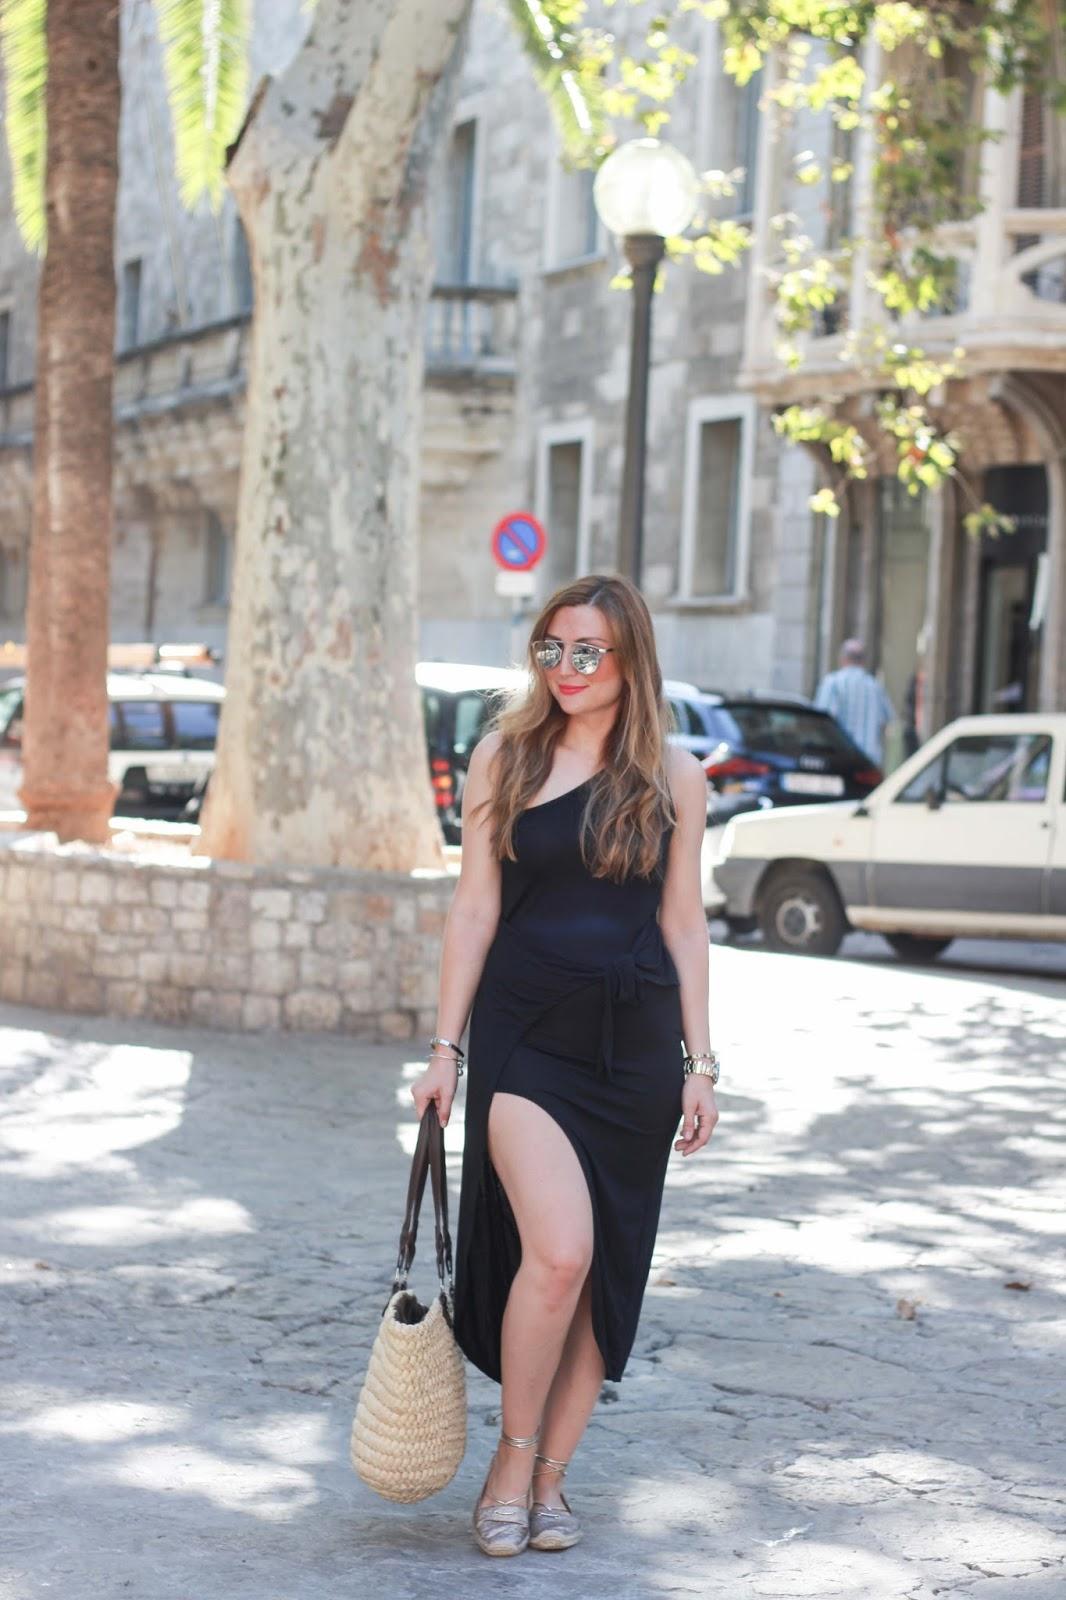 Fashionblogger aus Frankfurt - Mallorca - Blogger aus Mallorca - Fashionblogger - Sommertrend 2016 - Sommertrend - Kleider mit Schlitz - Shoppingqueen